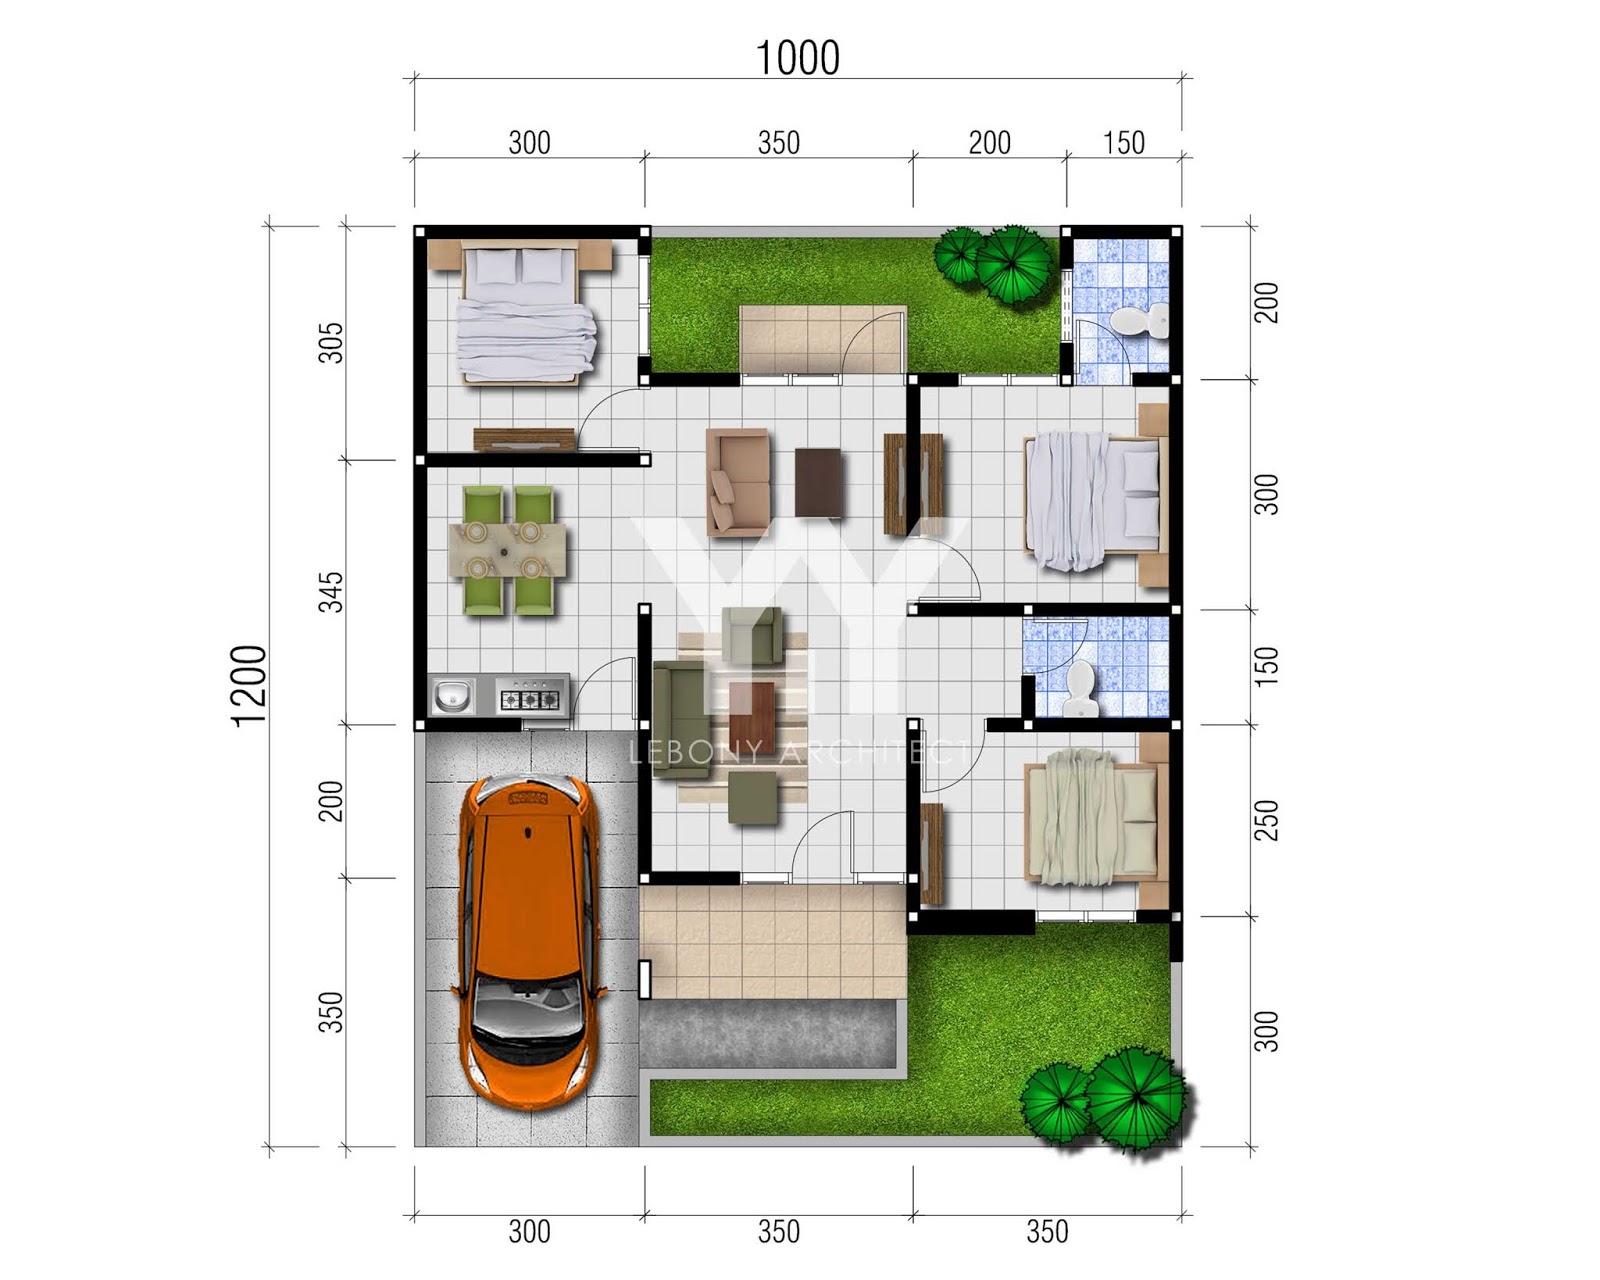 Lebony Architect Jasa Desain Rumah Mewah Rencana Desain Rumah Type 70 120 Untuk Perumahan Di Semarang